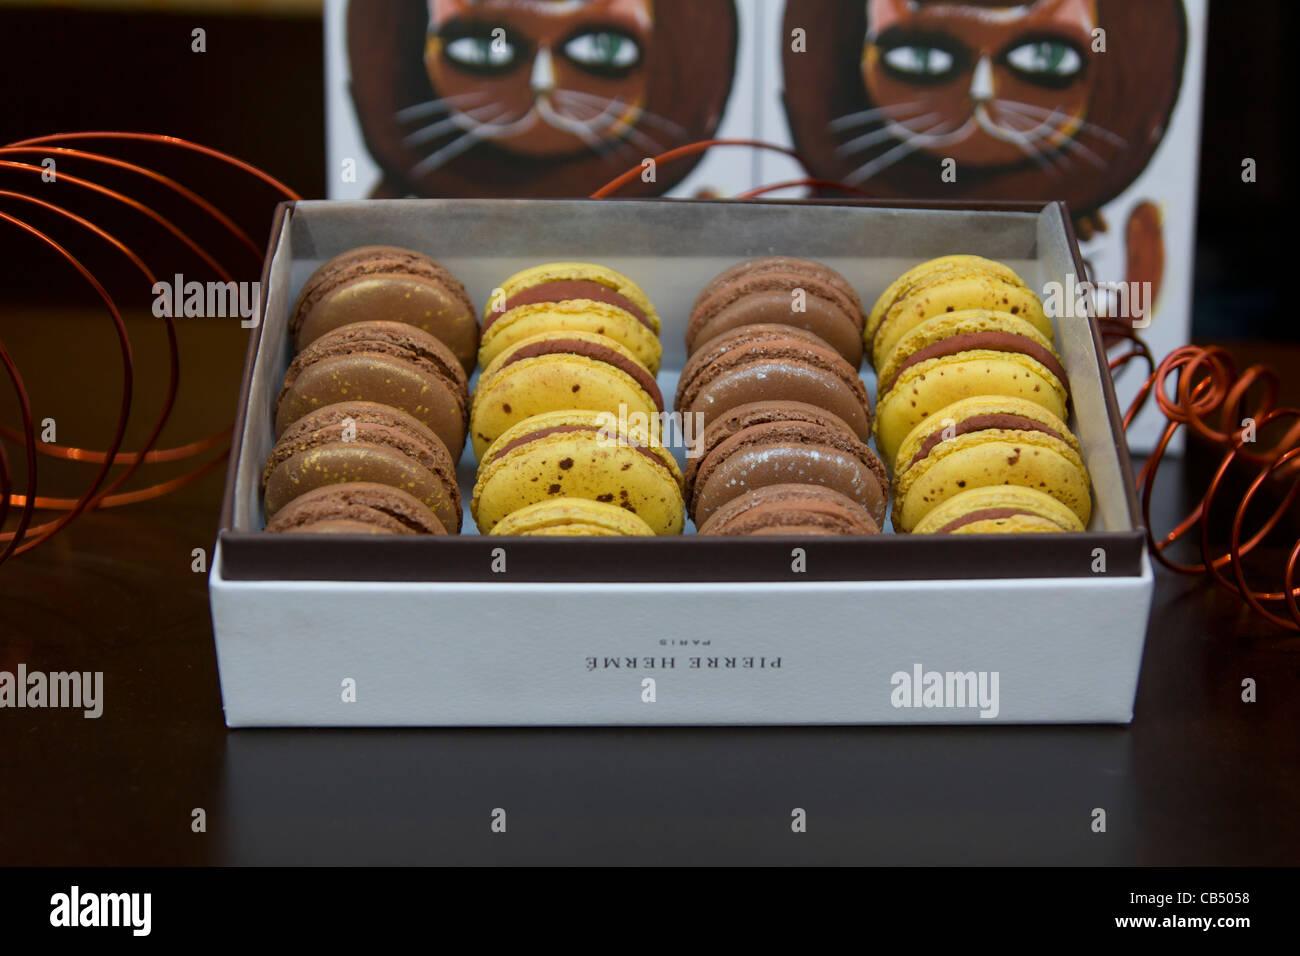 Pierre Hermé macarons for sale at 39 avenue de l'Opéra 75002 Paris, France - Stock Image